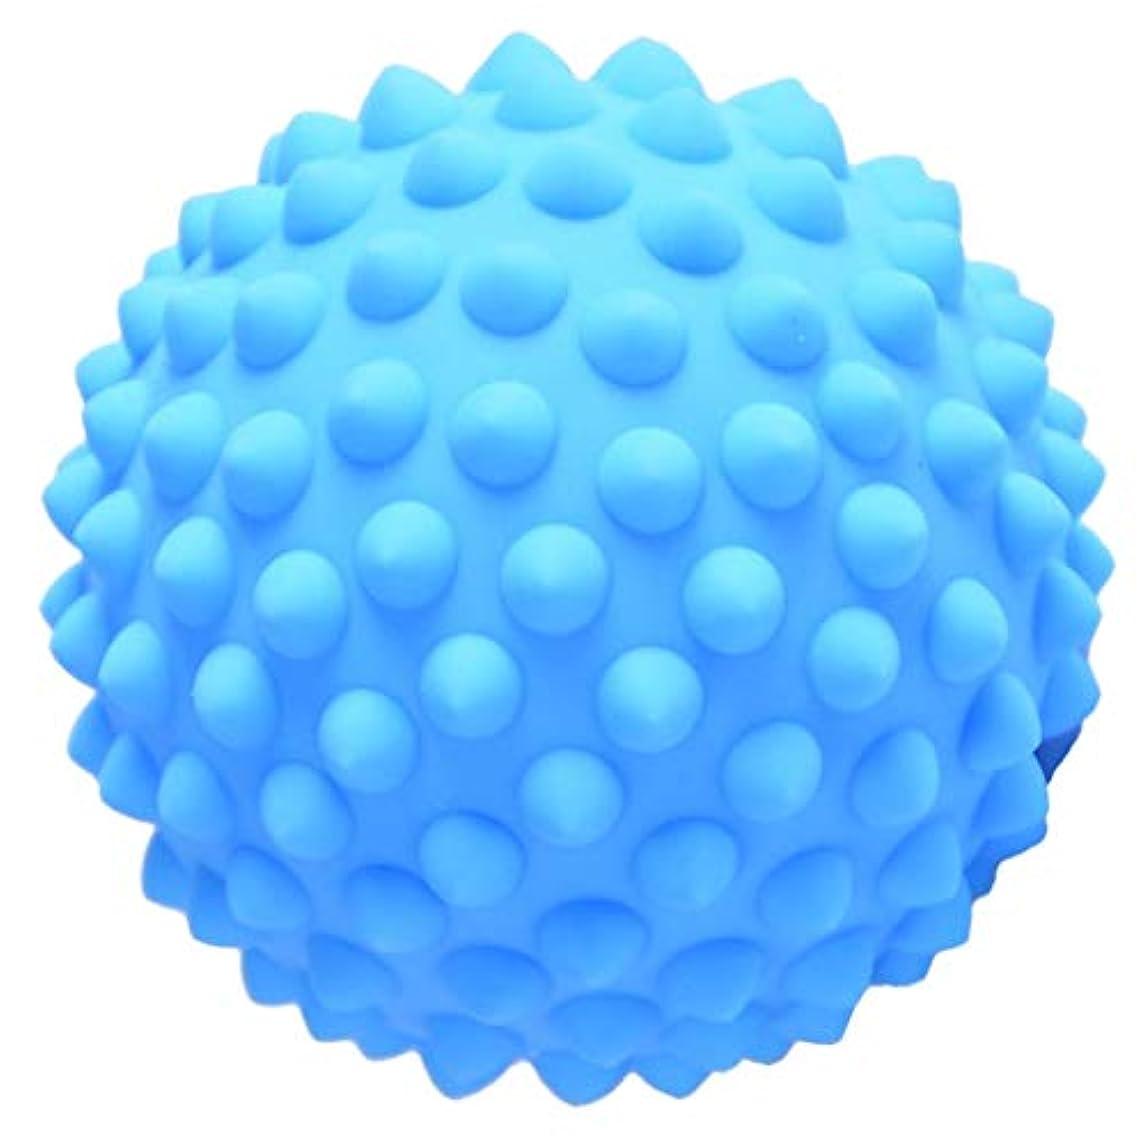 舞い上がる取得よろめくハードマッサージ マッサージボール ハード トリガーマッサージ ポインマッサージ 3色選べ - 青, 説明のとおり